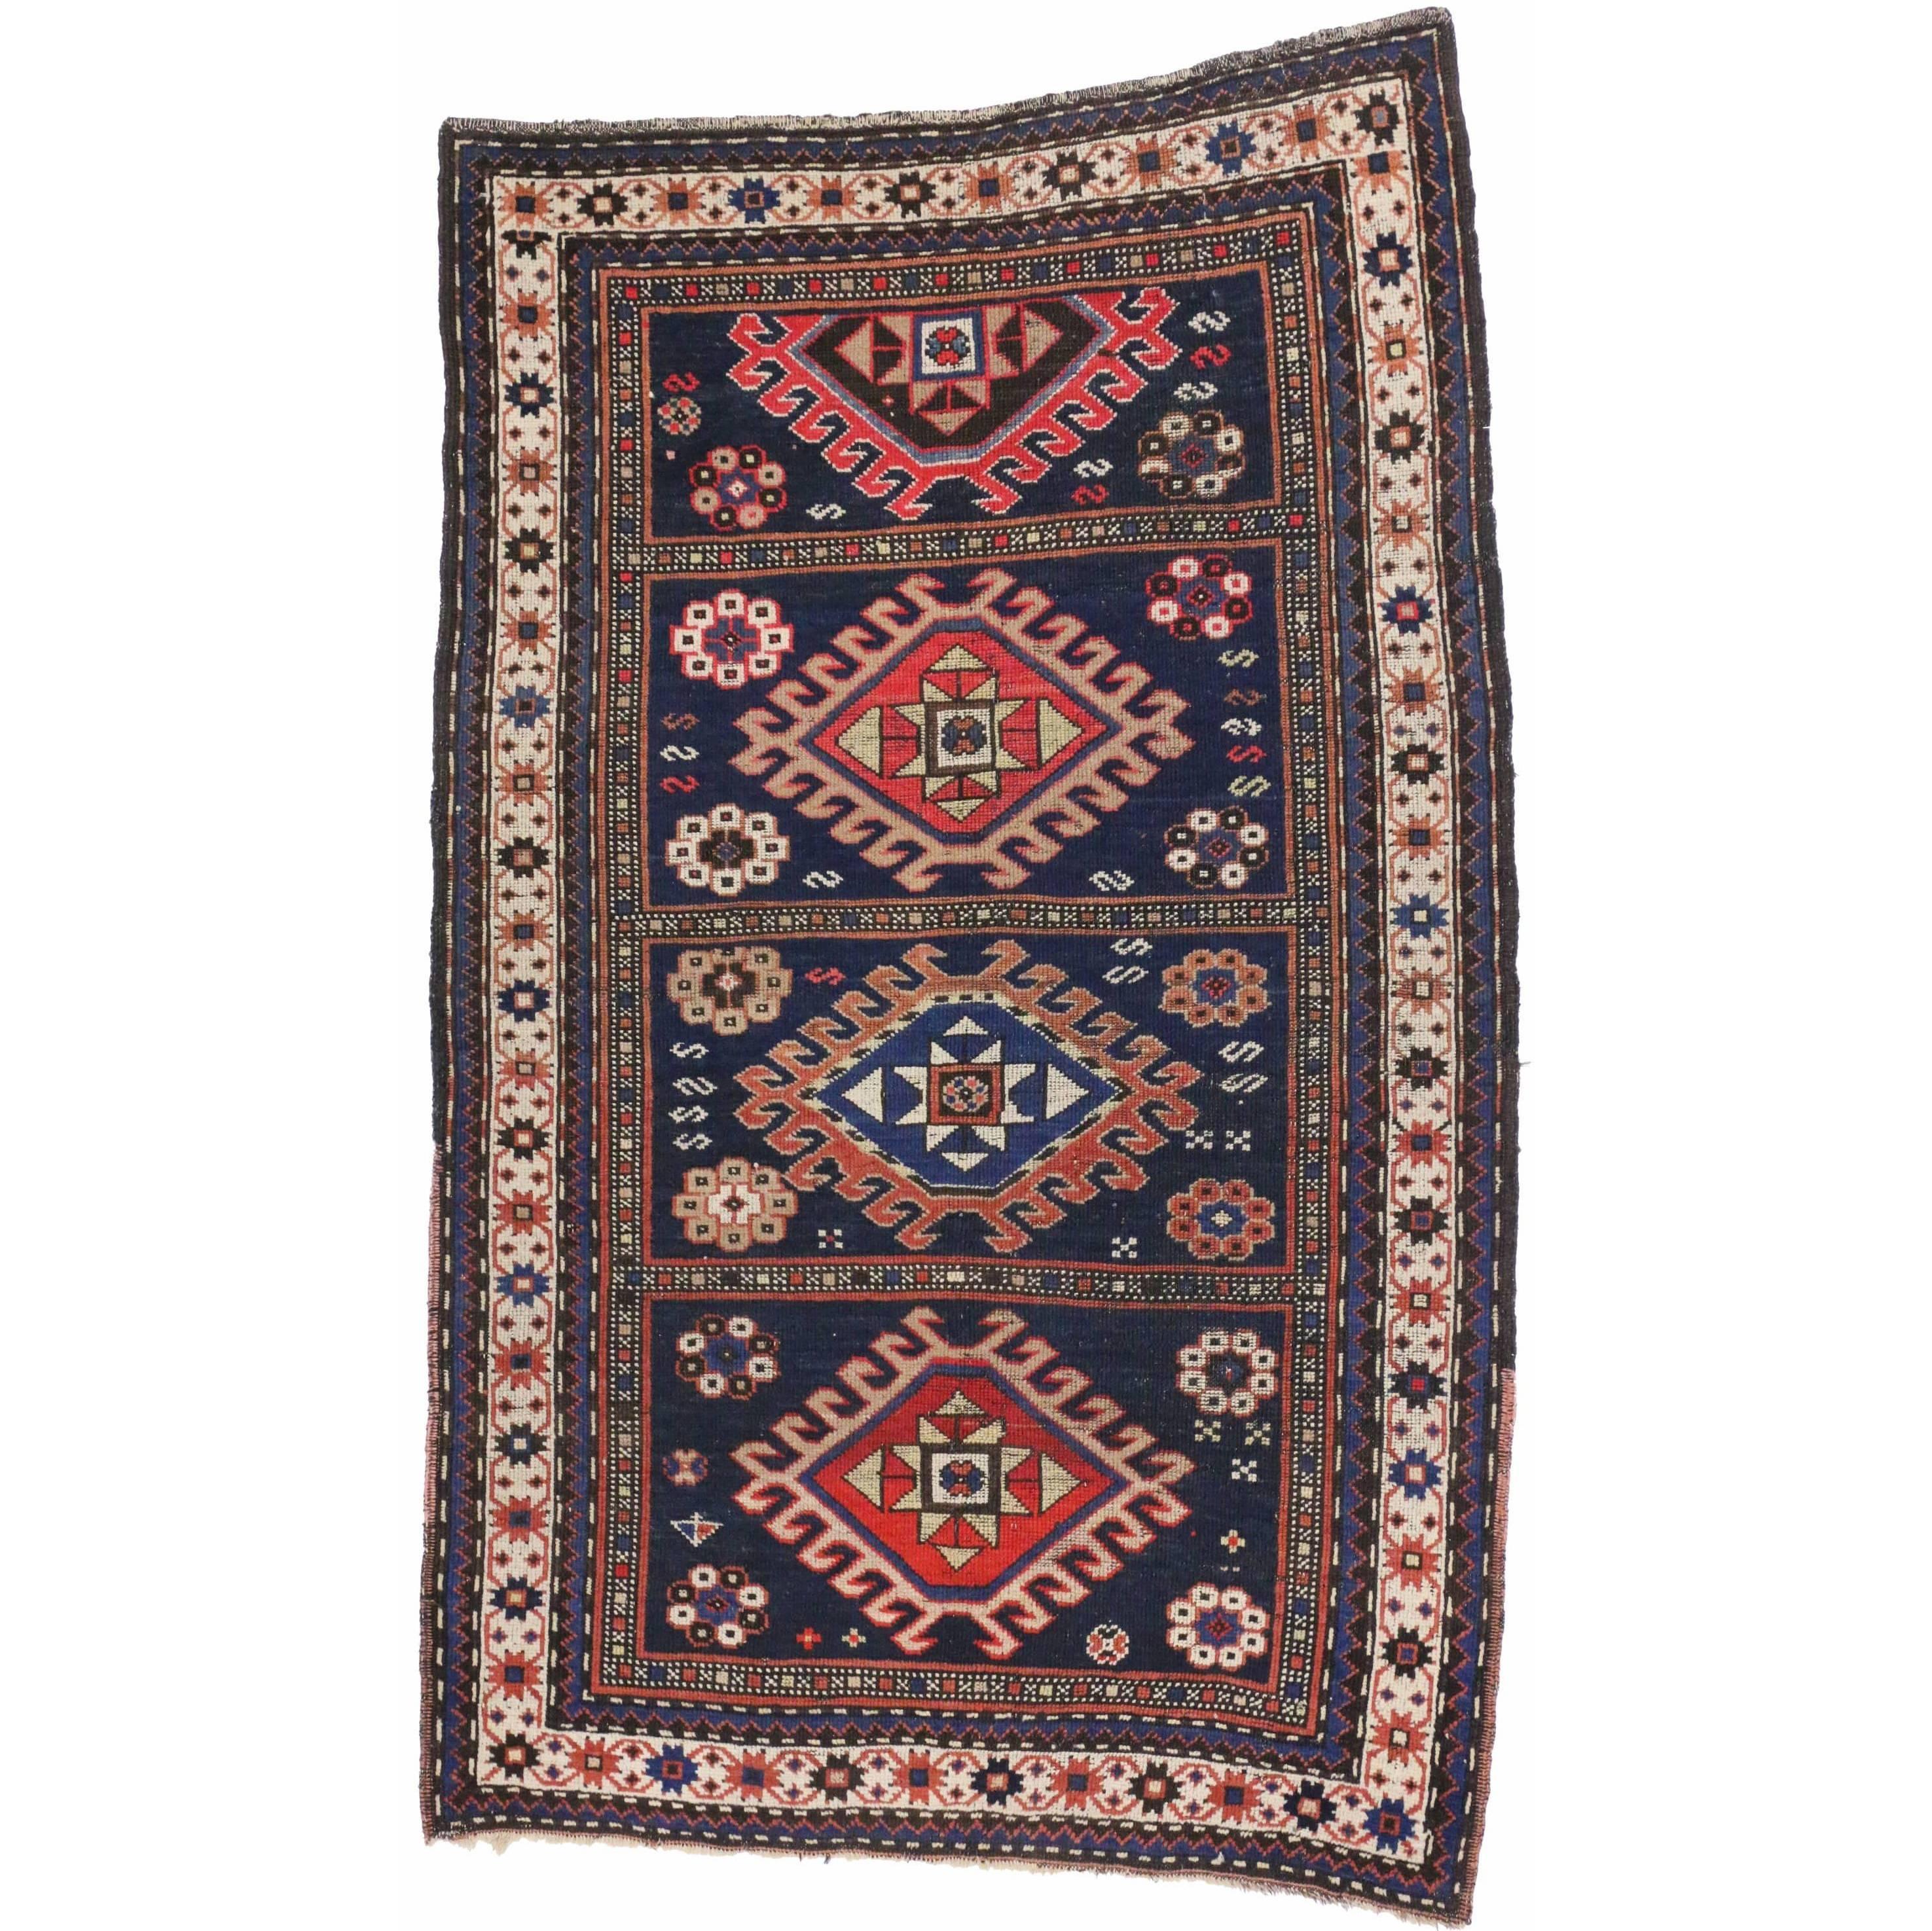 Antique Caucasian Kazak Rug with Compartment Design